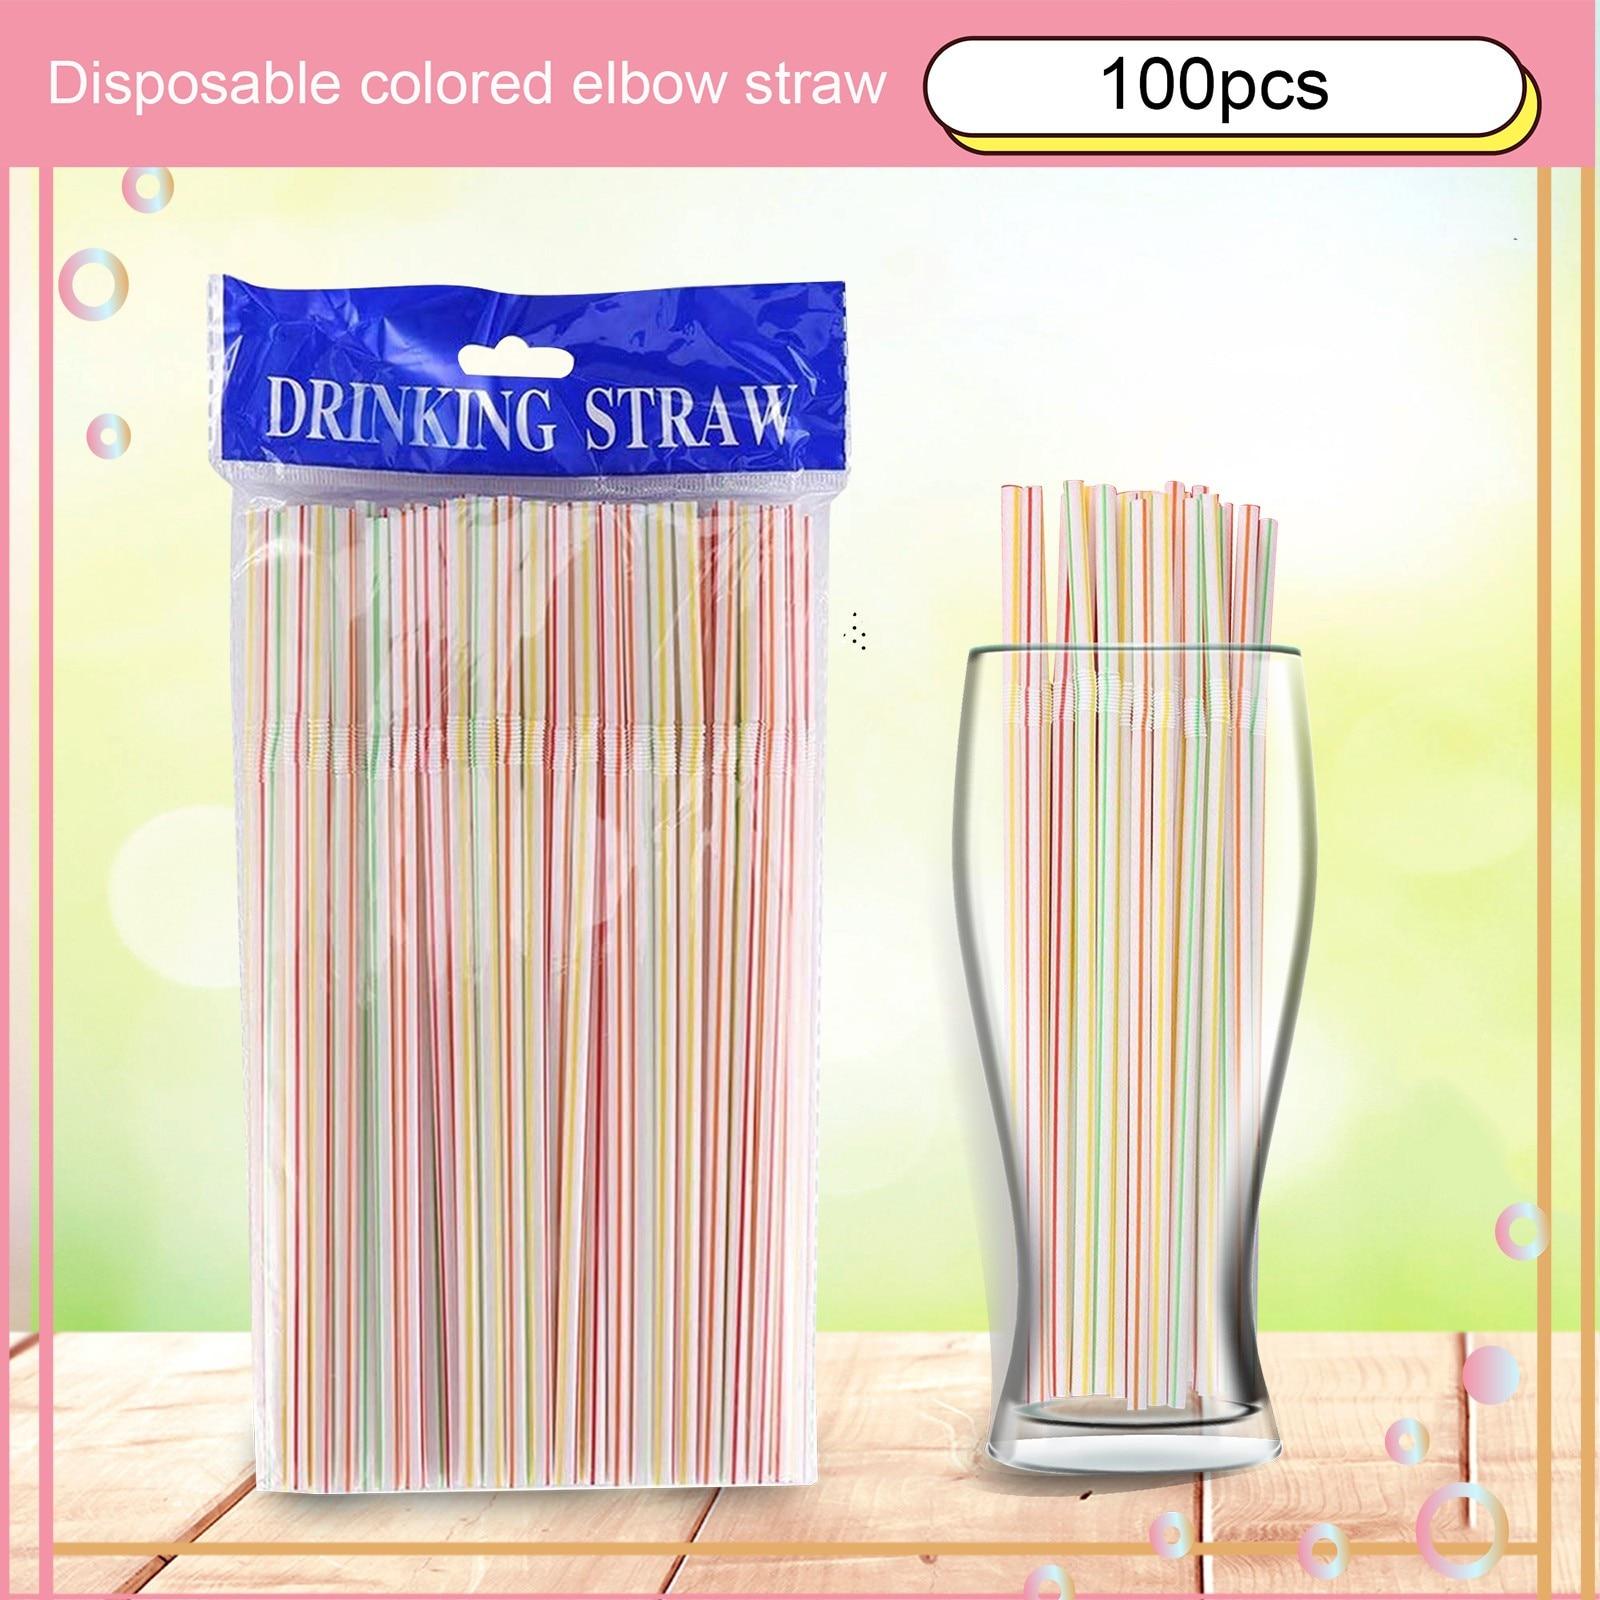 Одноразовые Цветные соломинки из локтя удлиненные и гибкие соломинки для сока, напитков, молока, чая, 100 шт. товары для дома и кухни #43